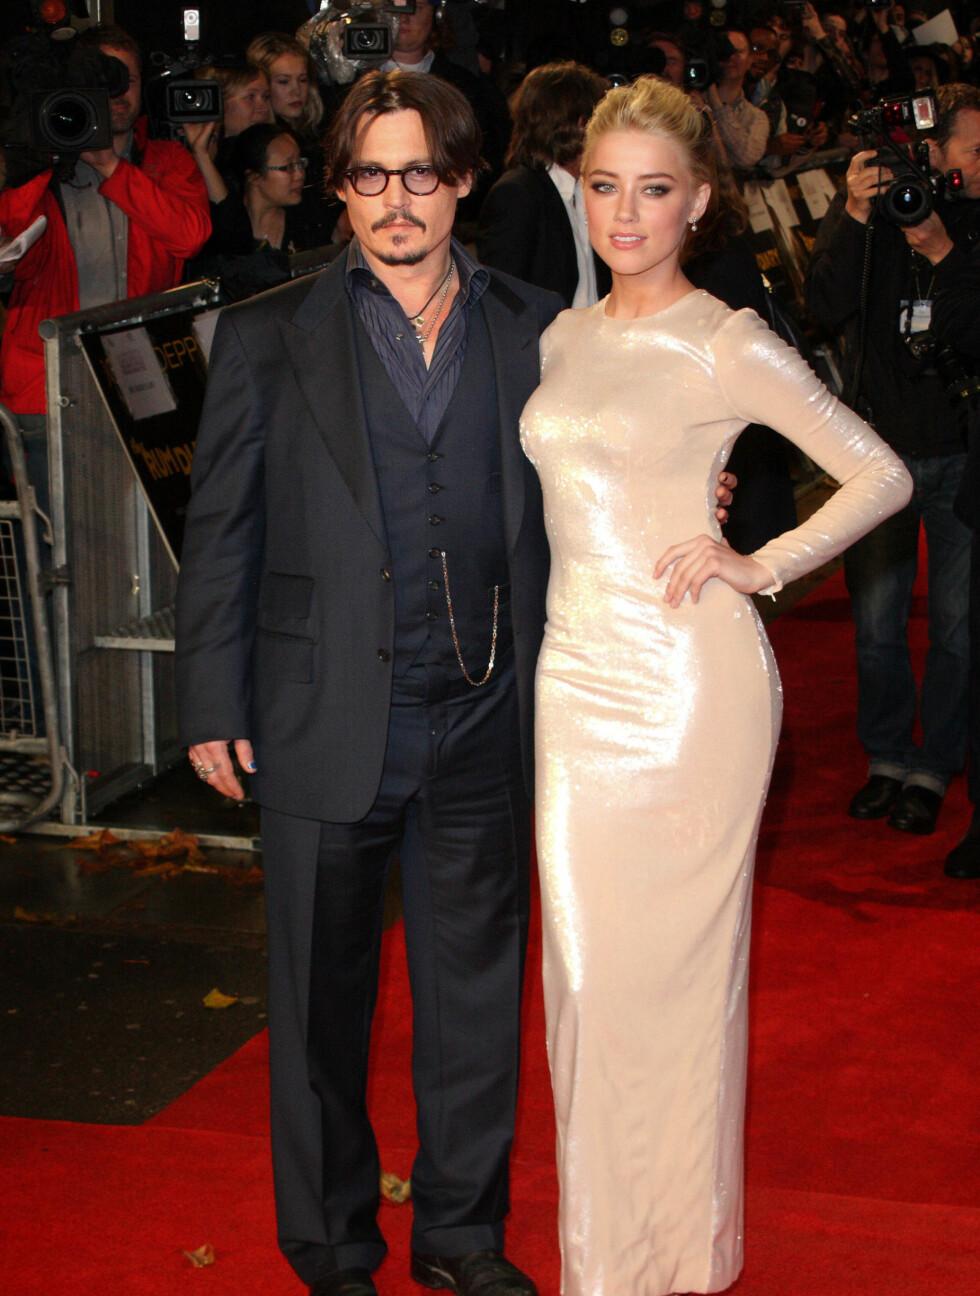 SKANDALEPAR: Johnny Depp forlot sin kjæreste gjennom 14 år, Vanessa Paradis, for skuespillerkollegaen Amber Heard. Nå skal de to ha kjøpt et hus sammen. Kanskje blir det også en juleforlovelse? Foto: Stella Pictures